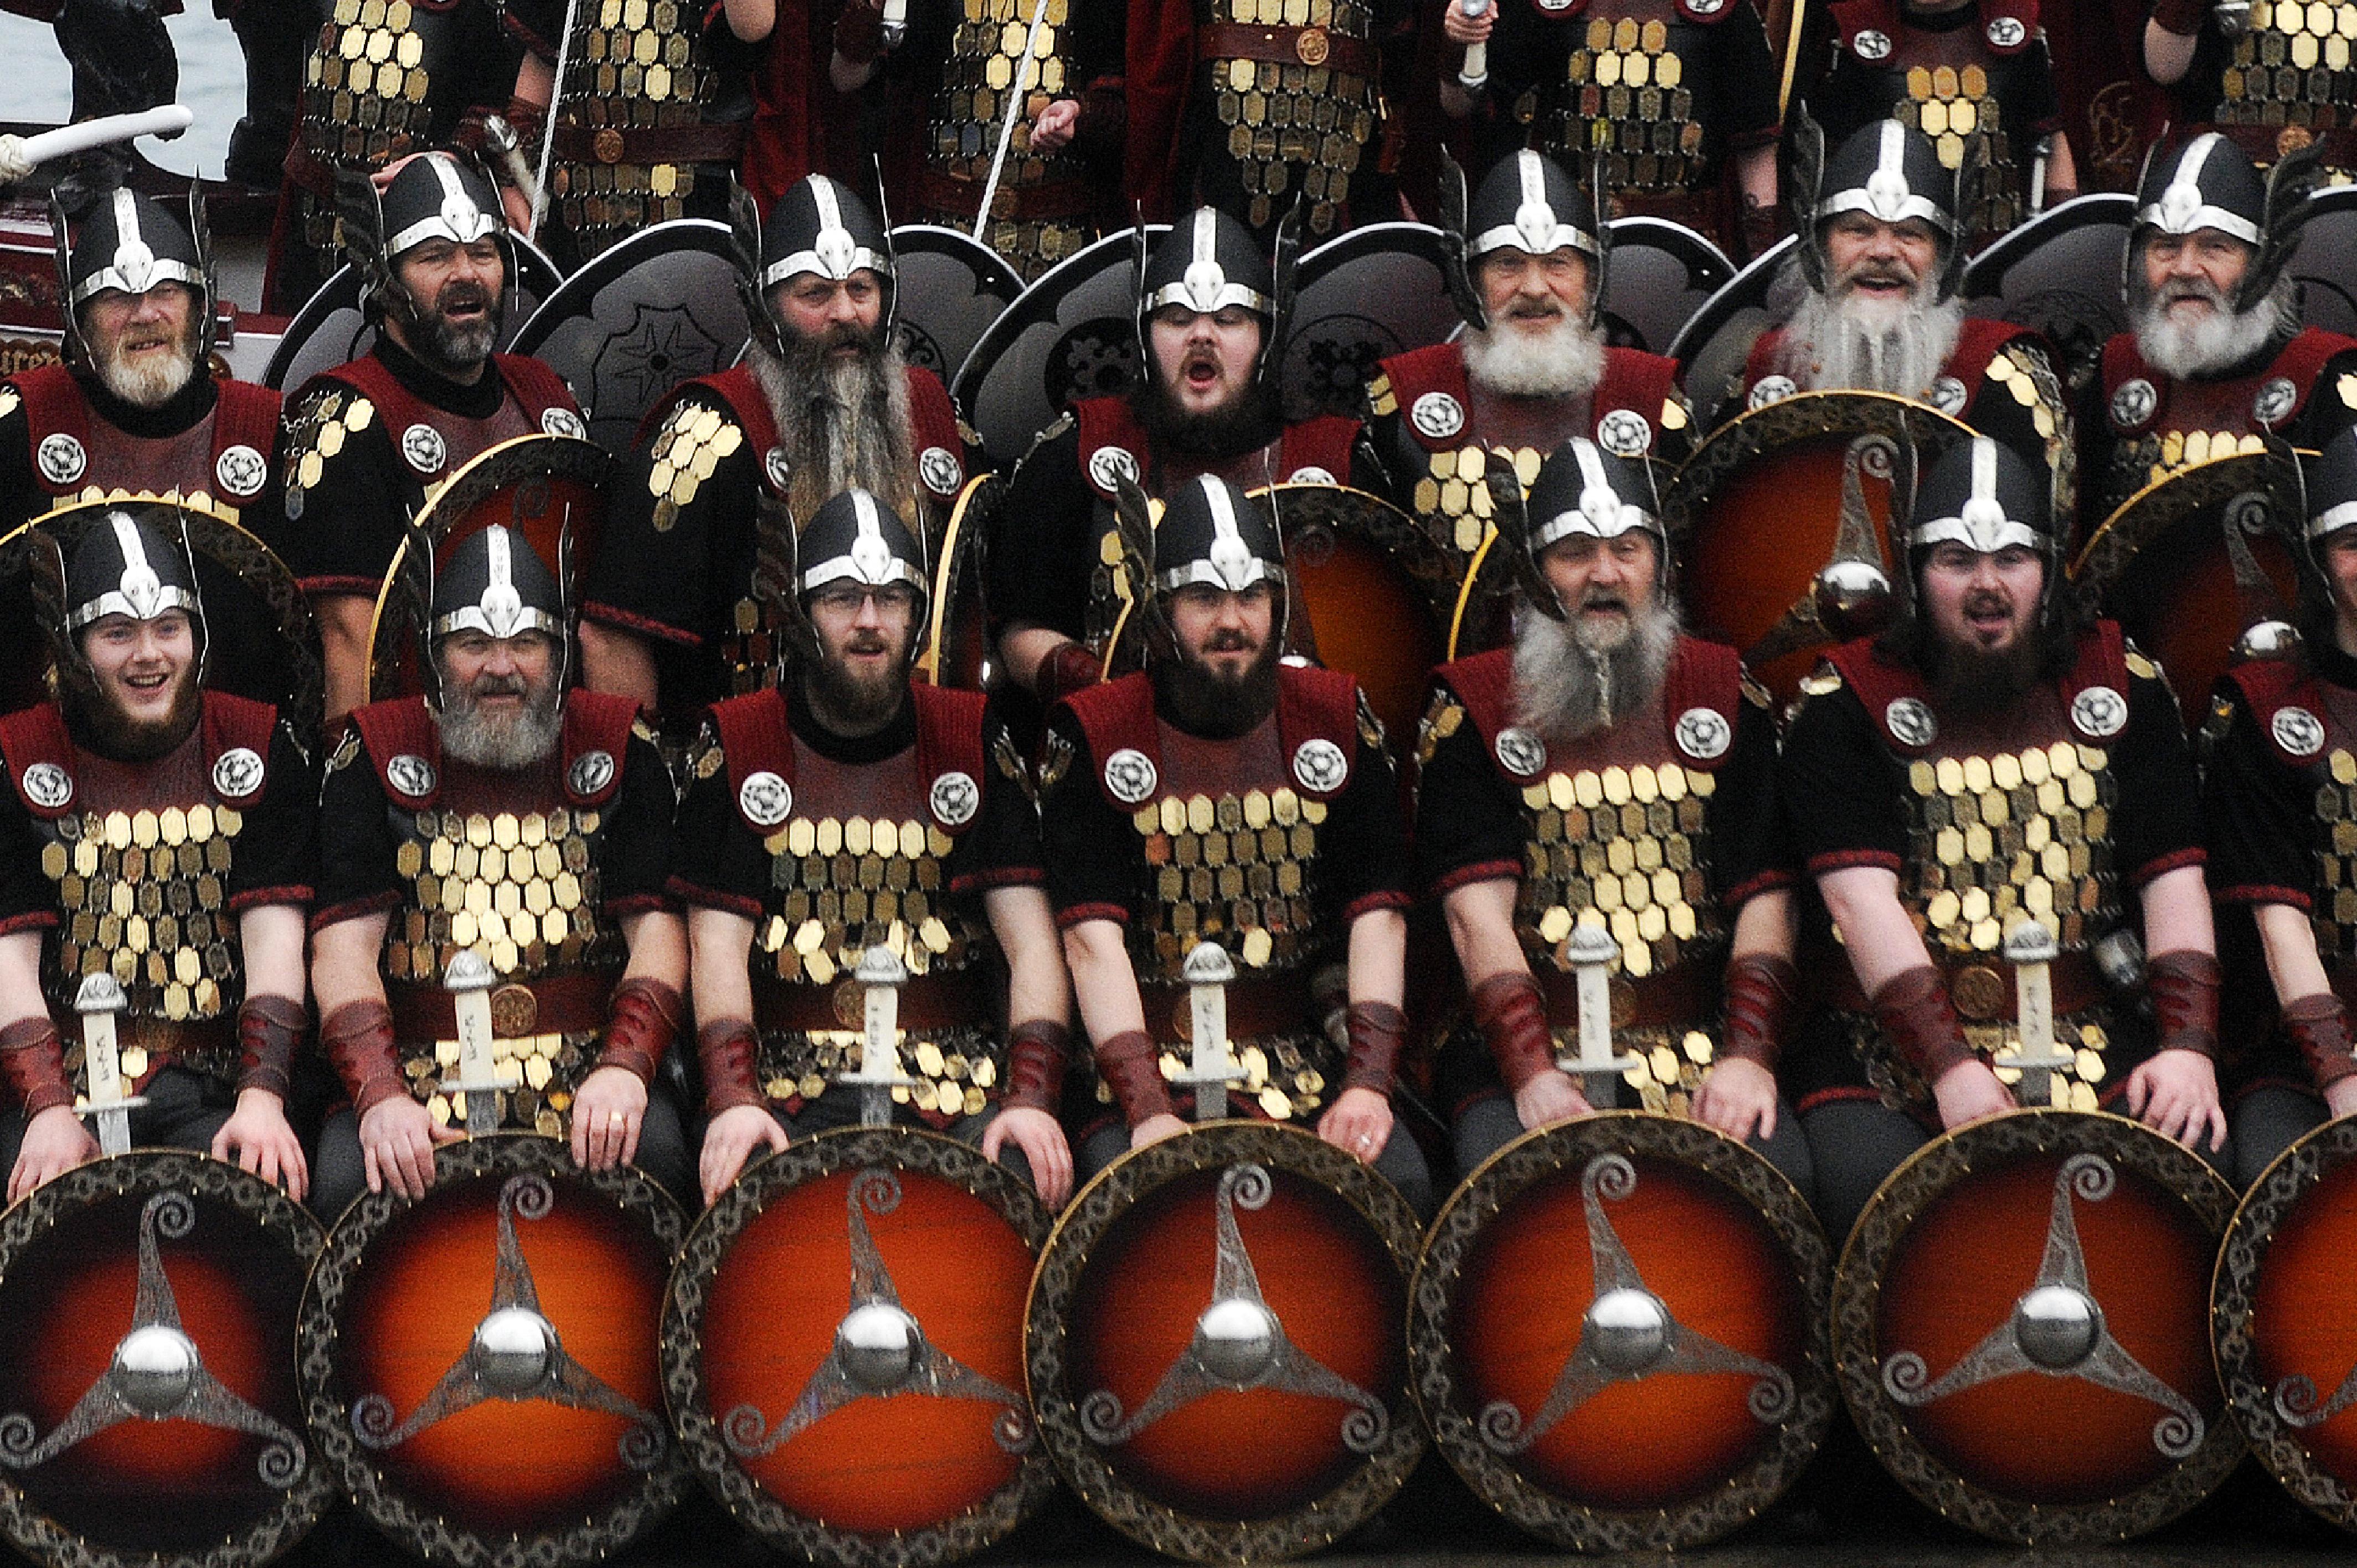 Magyar kutatók fejtik meg, hogyan navigáltak a vikingek